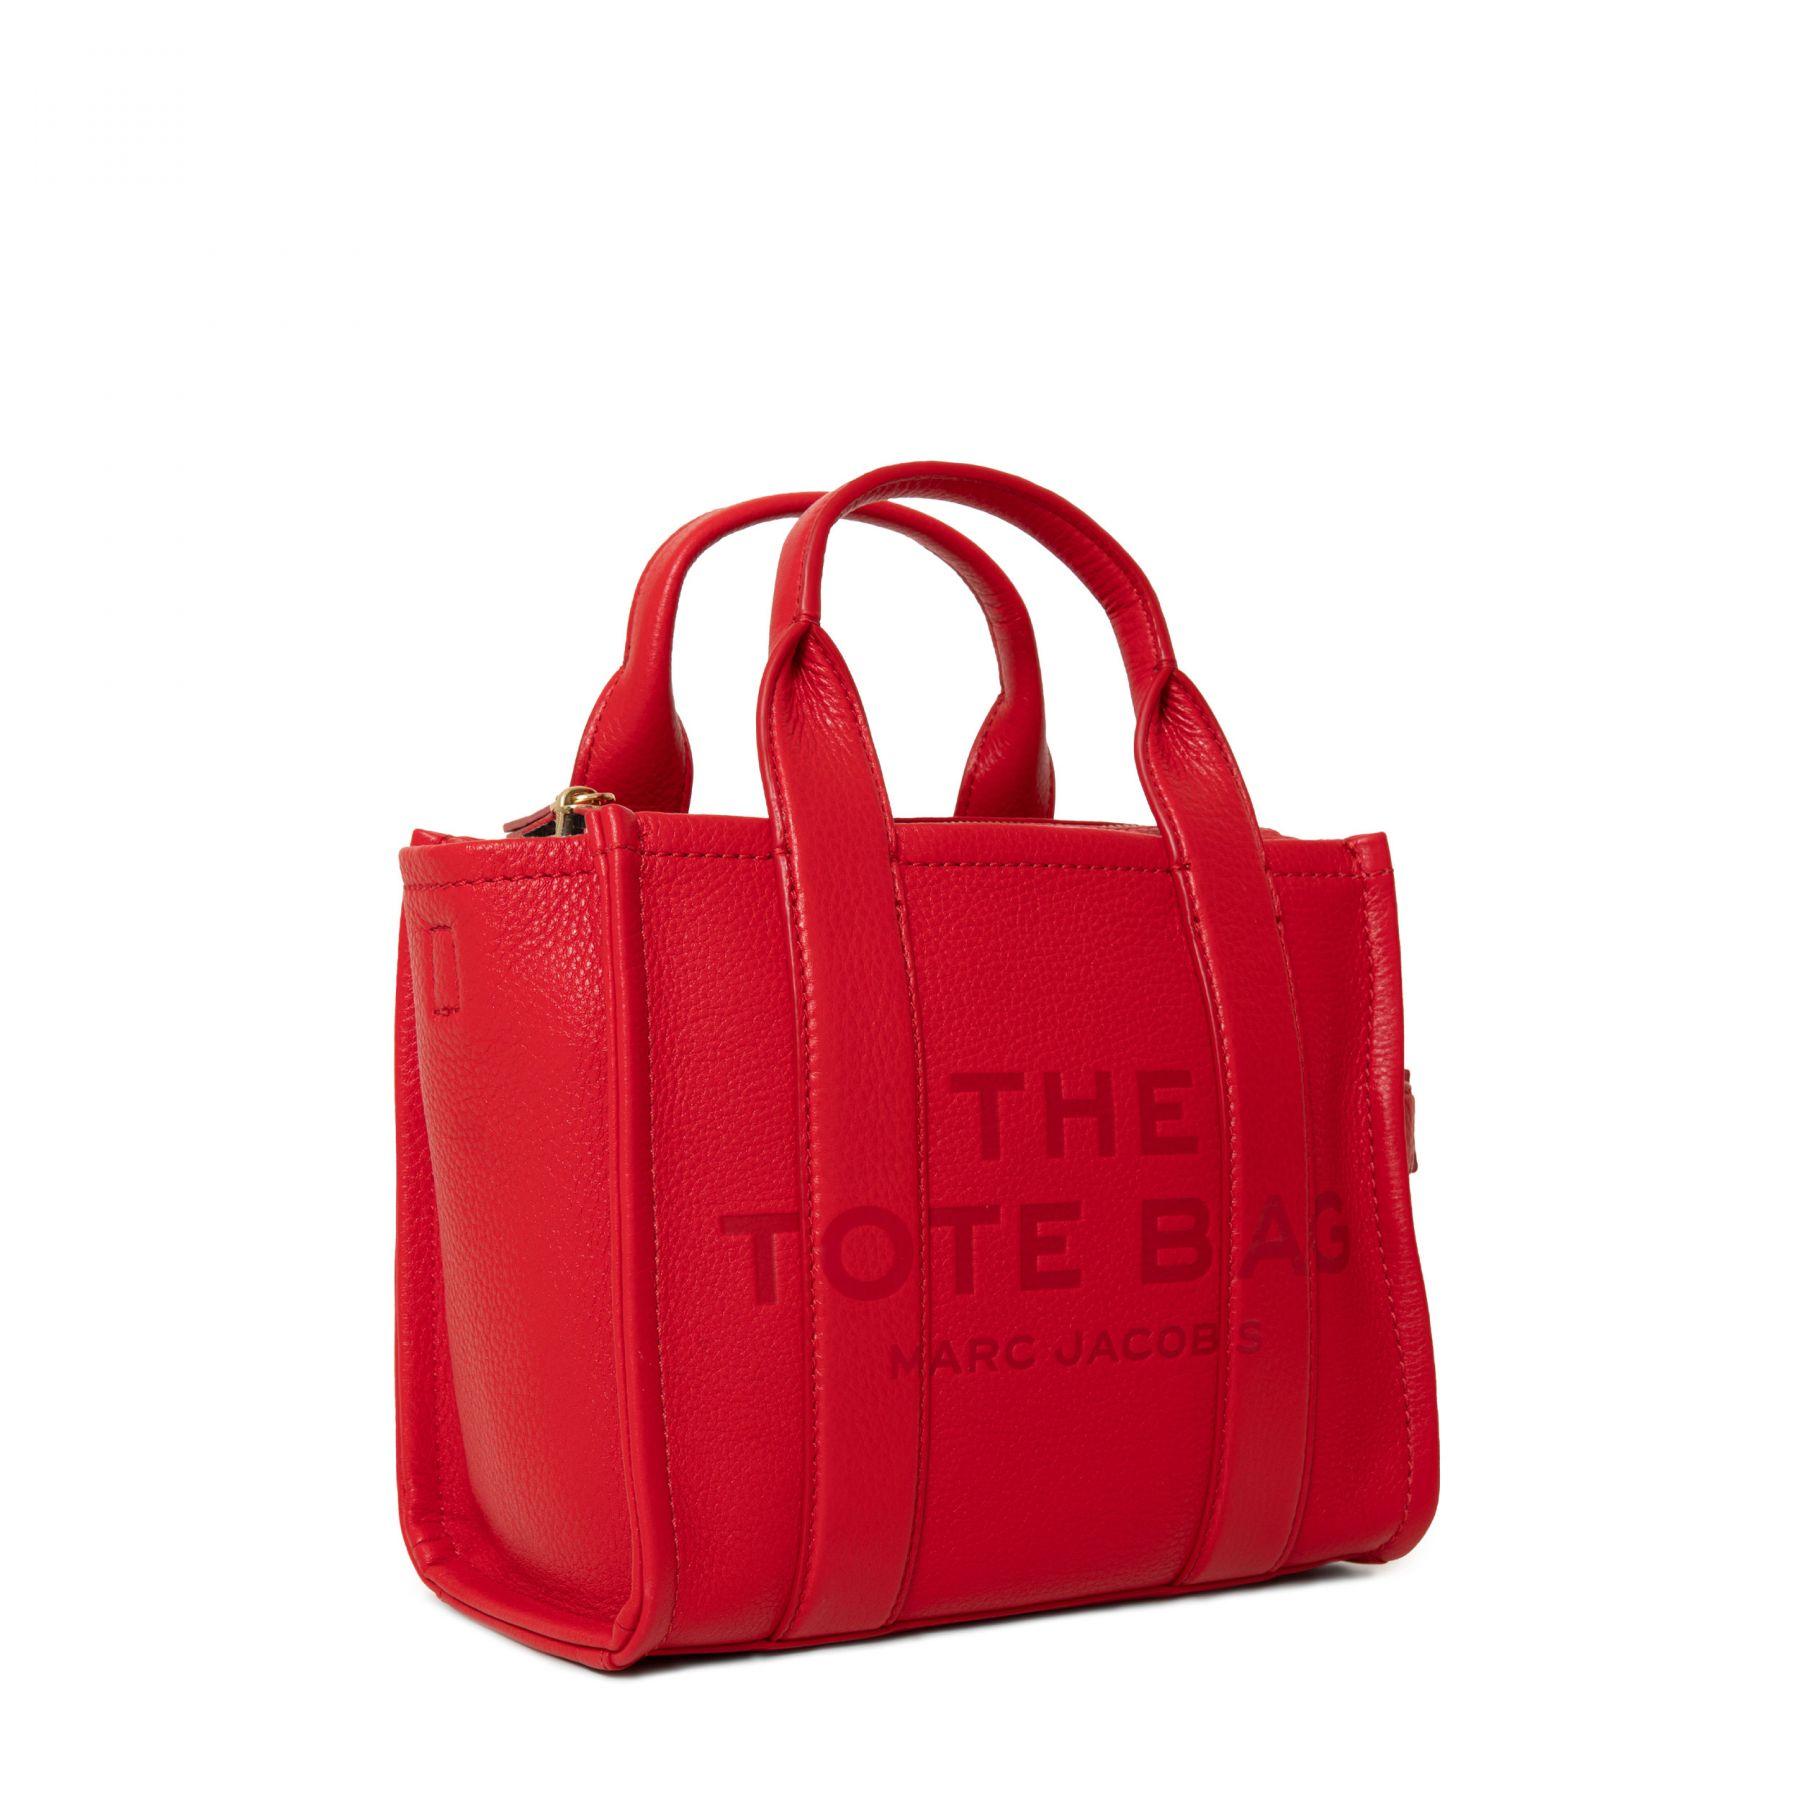 Сумка Marc Jacobs THE TOTE BAG красная